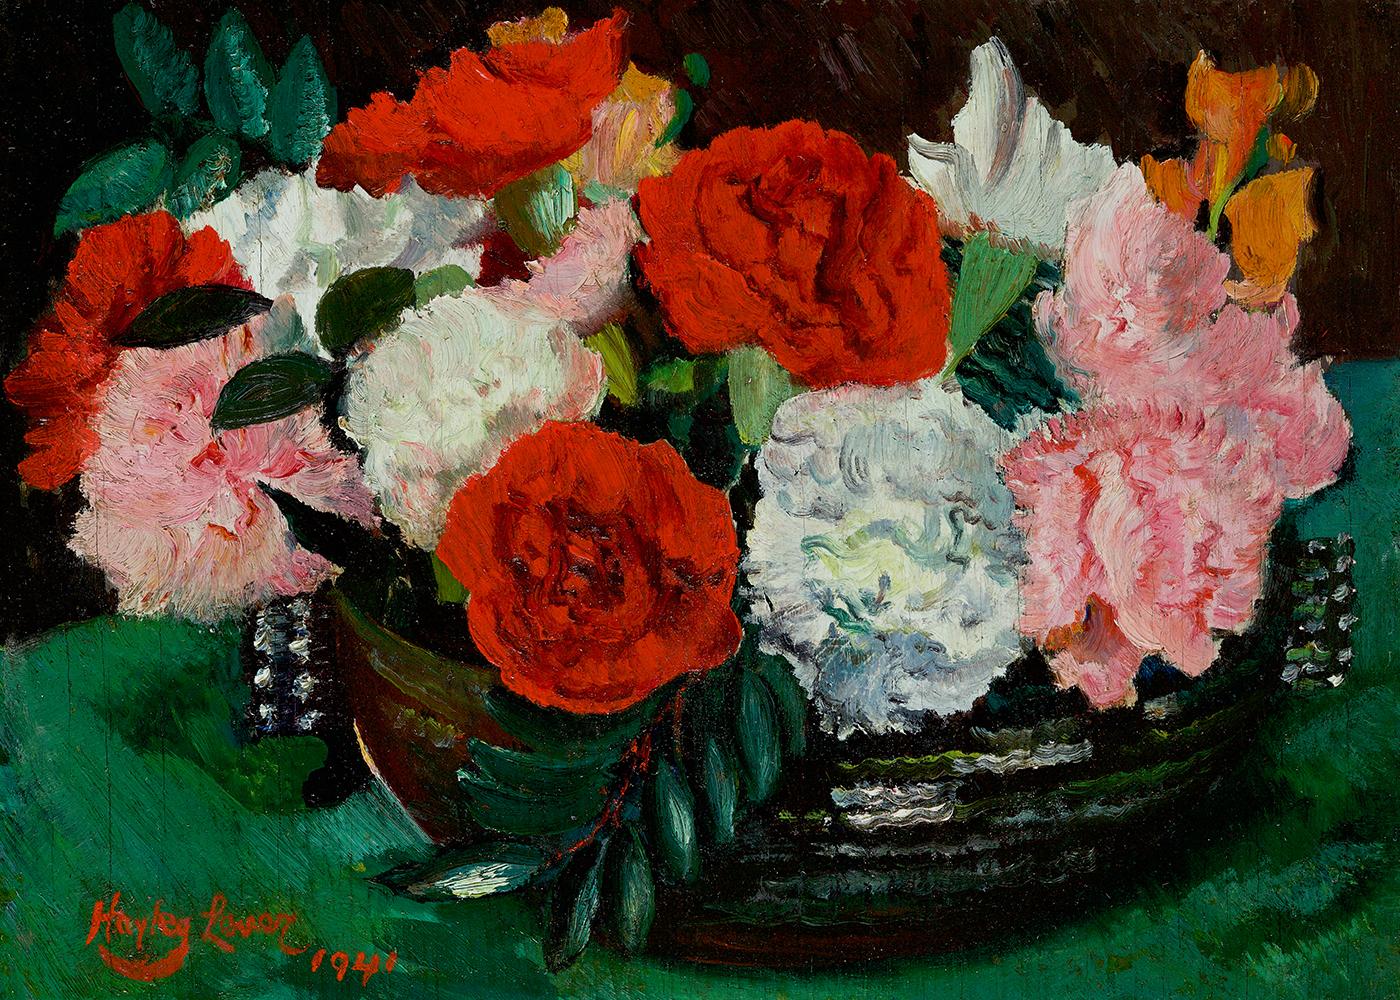 lever-floralstilllife